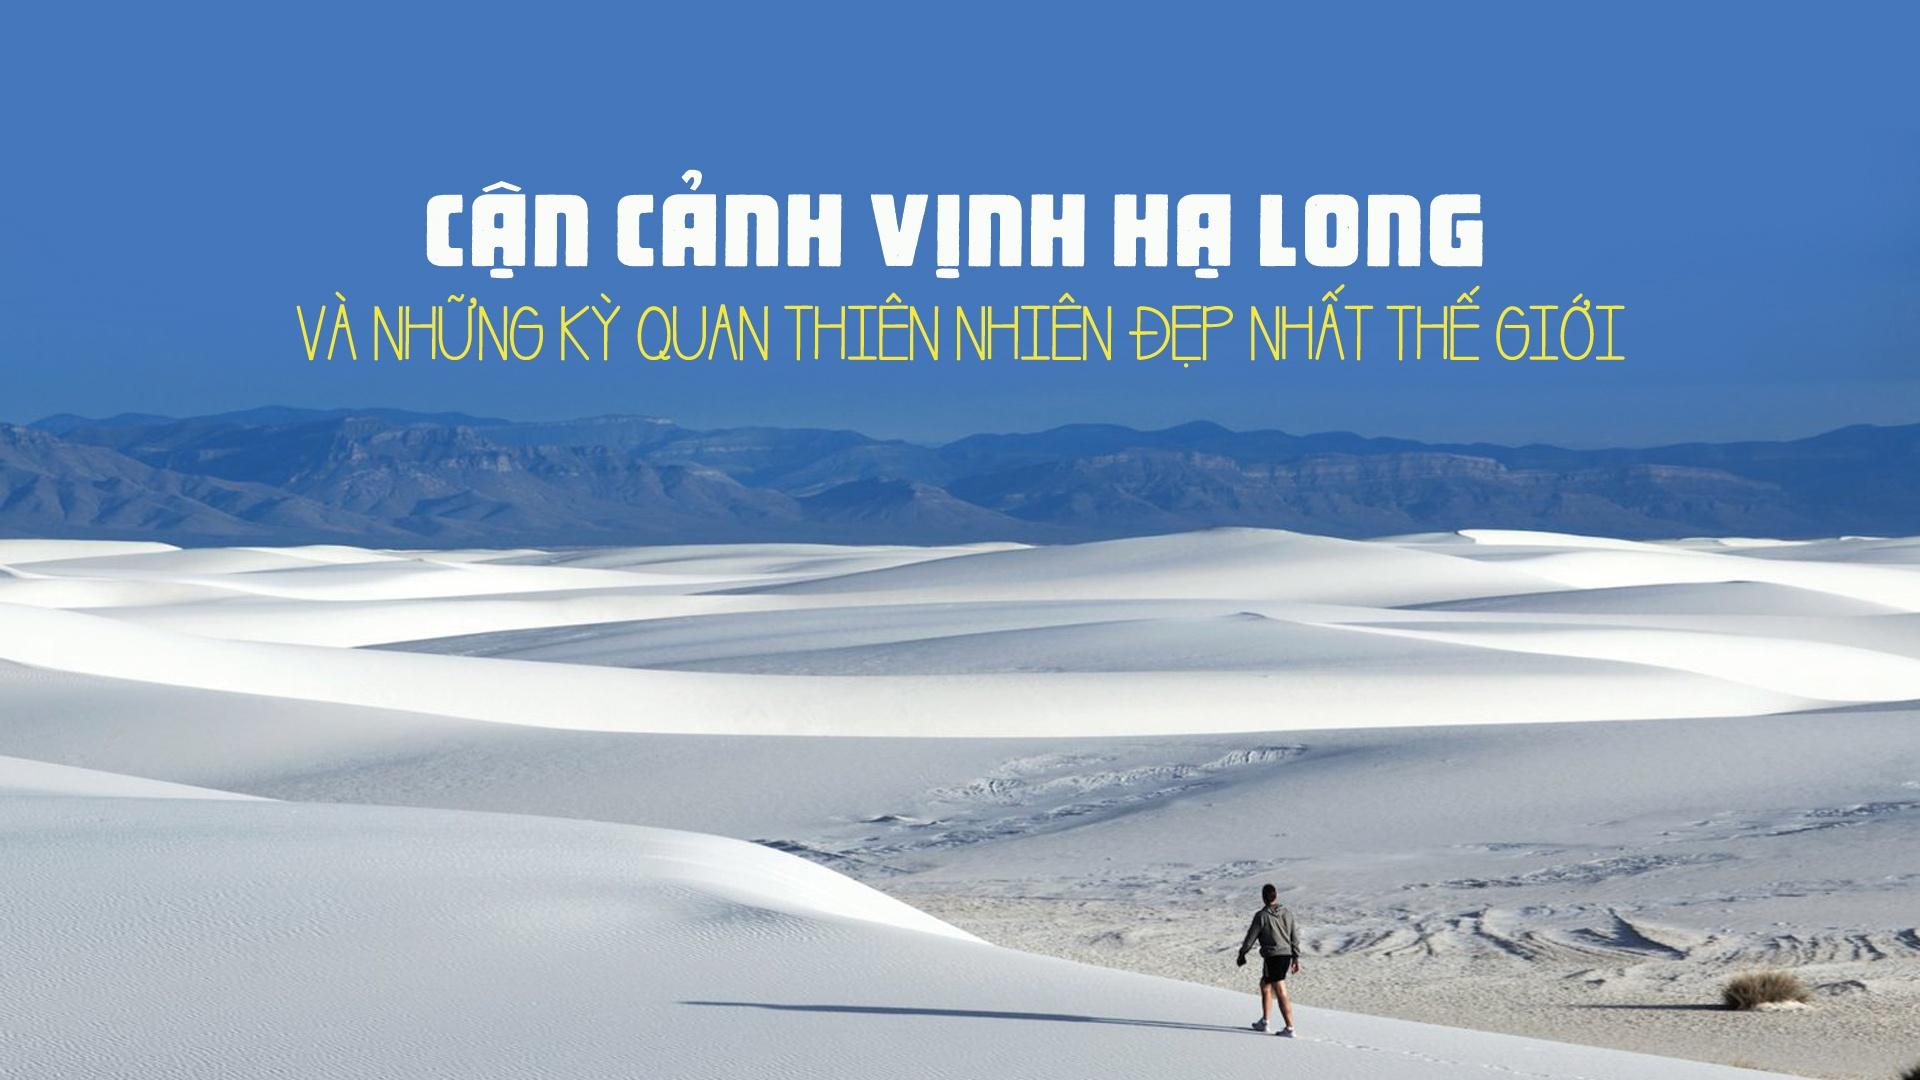 Can canh vinh Ha Long va nhung ky quan thien nhien dep nhat the gioi hinh anh 1